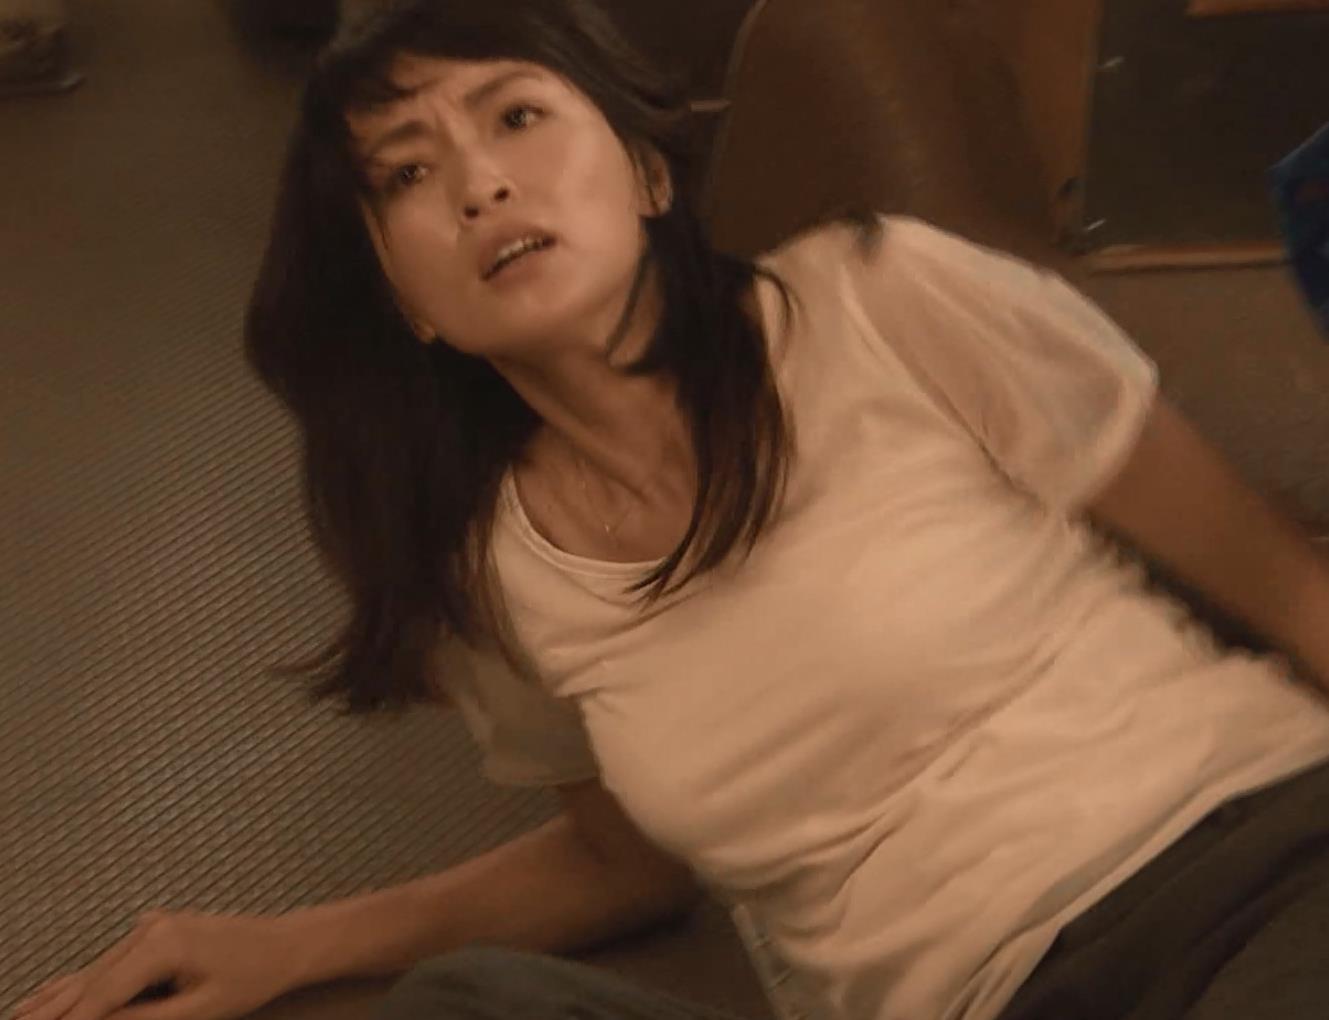 長谷川京子 押し倒されているところキャプ画像(エロ・アイコラ画像)